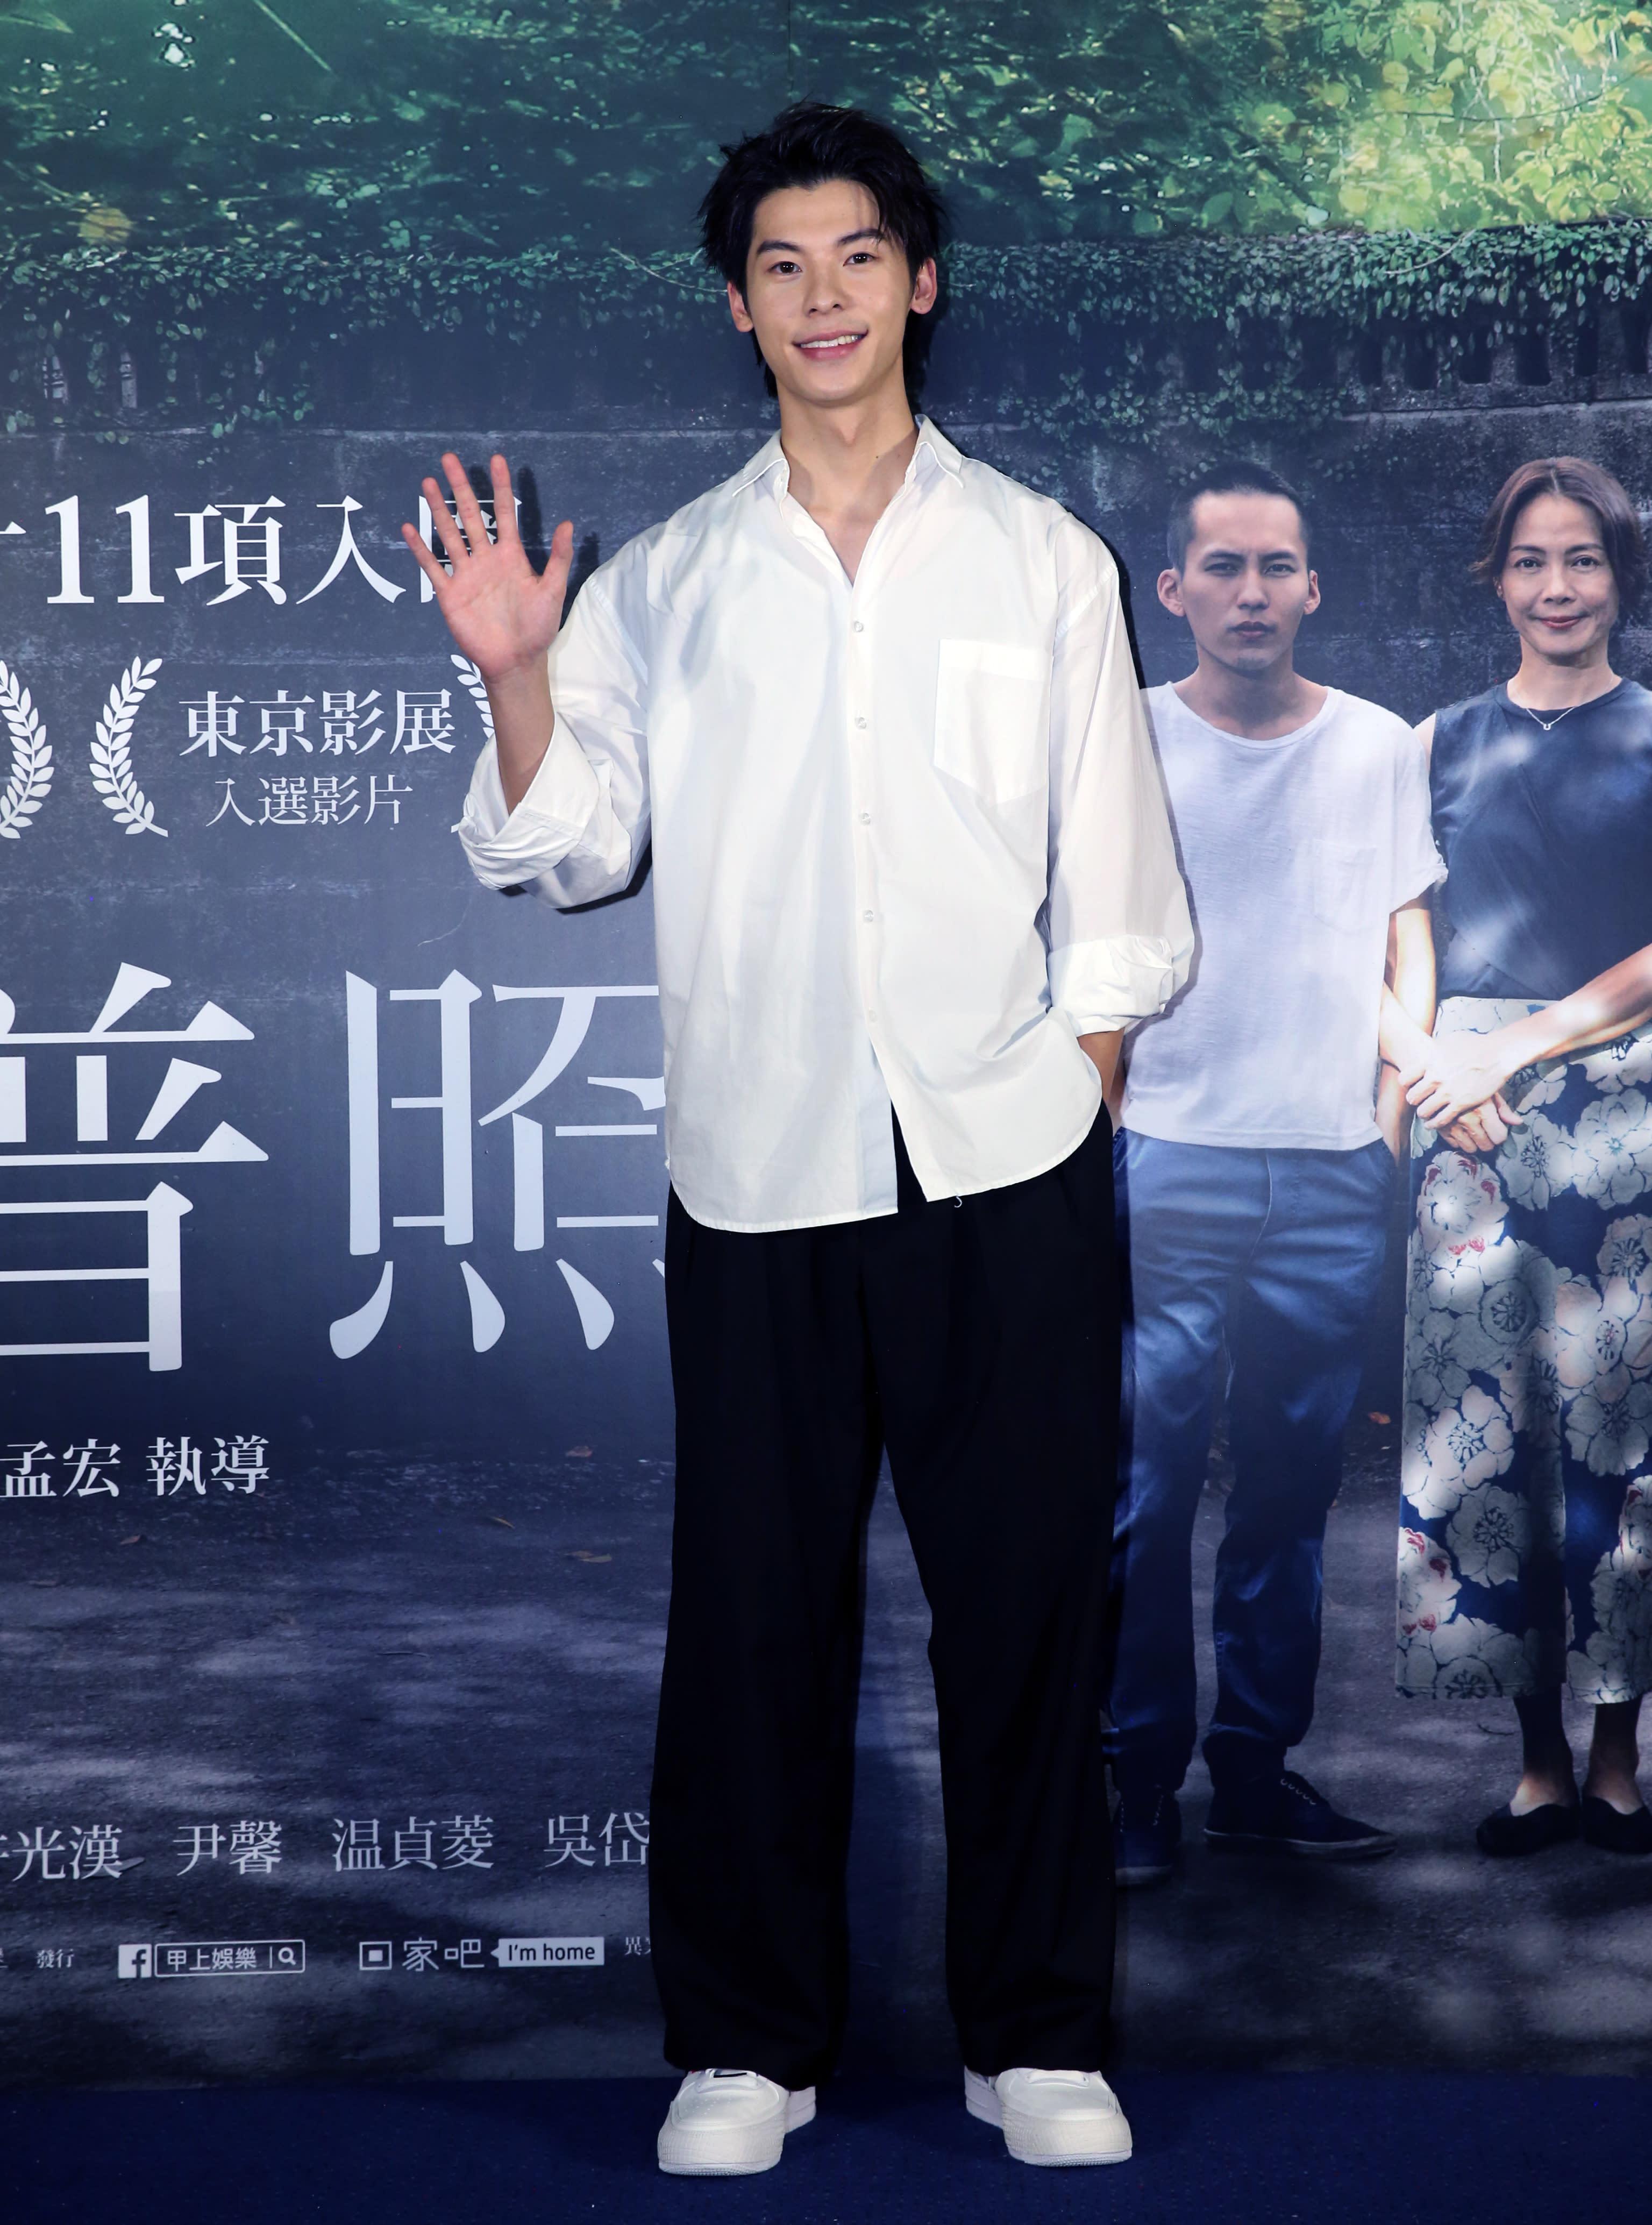 許光漢則表示這部電影有一股「沉靜的爆發力」,他說:「電影有歡樂也有沉重,深厚的情緒堆疊營造出它獨特的魅力。」